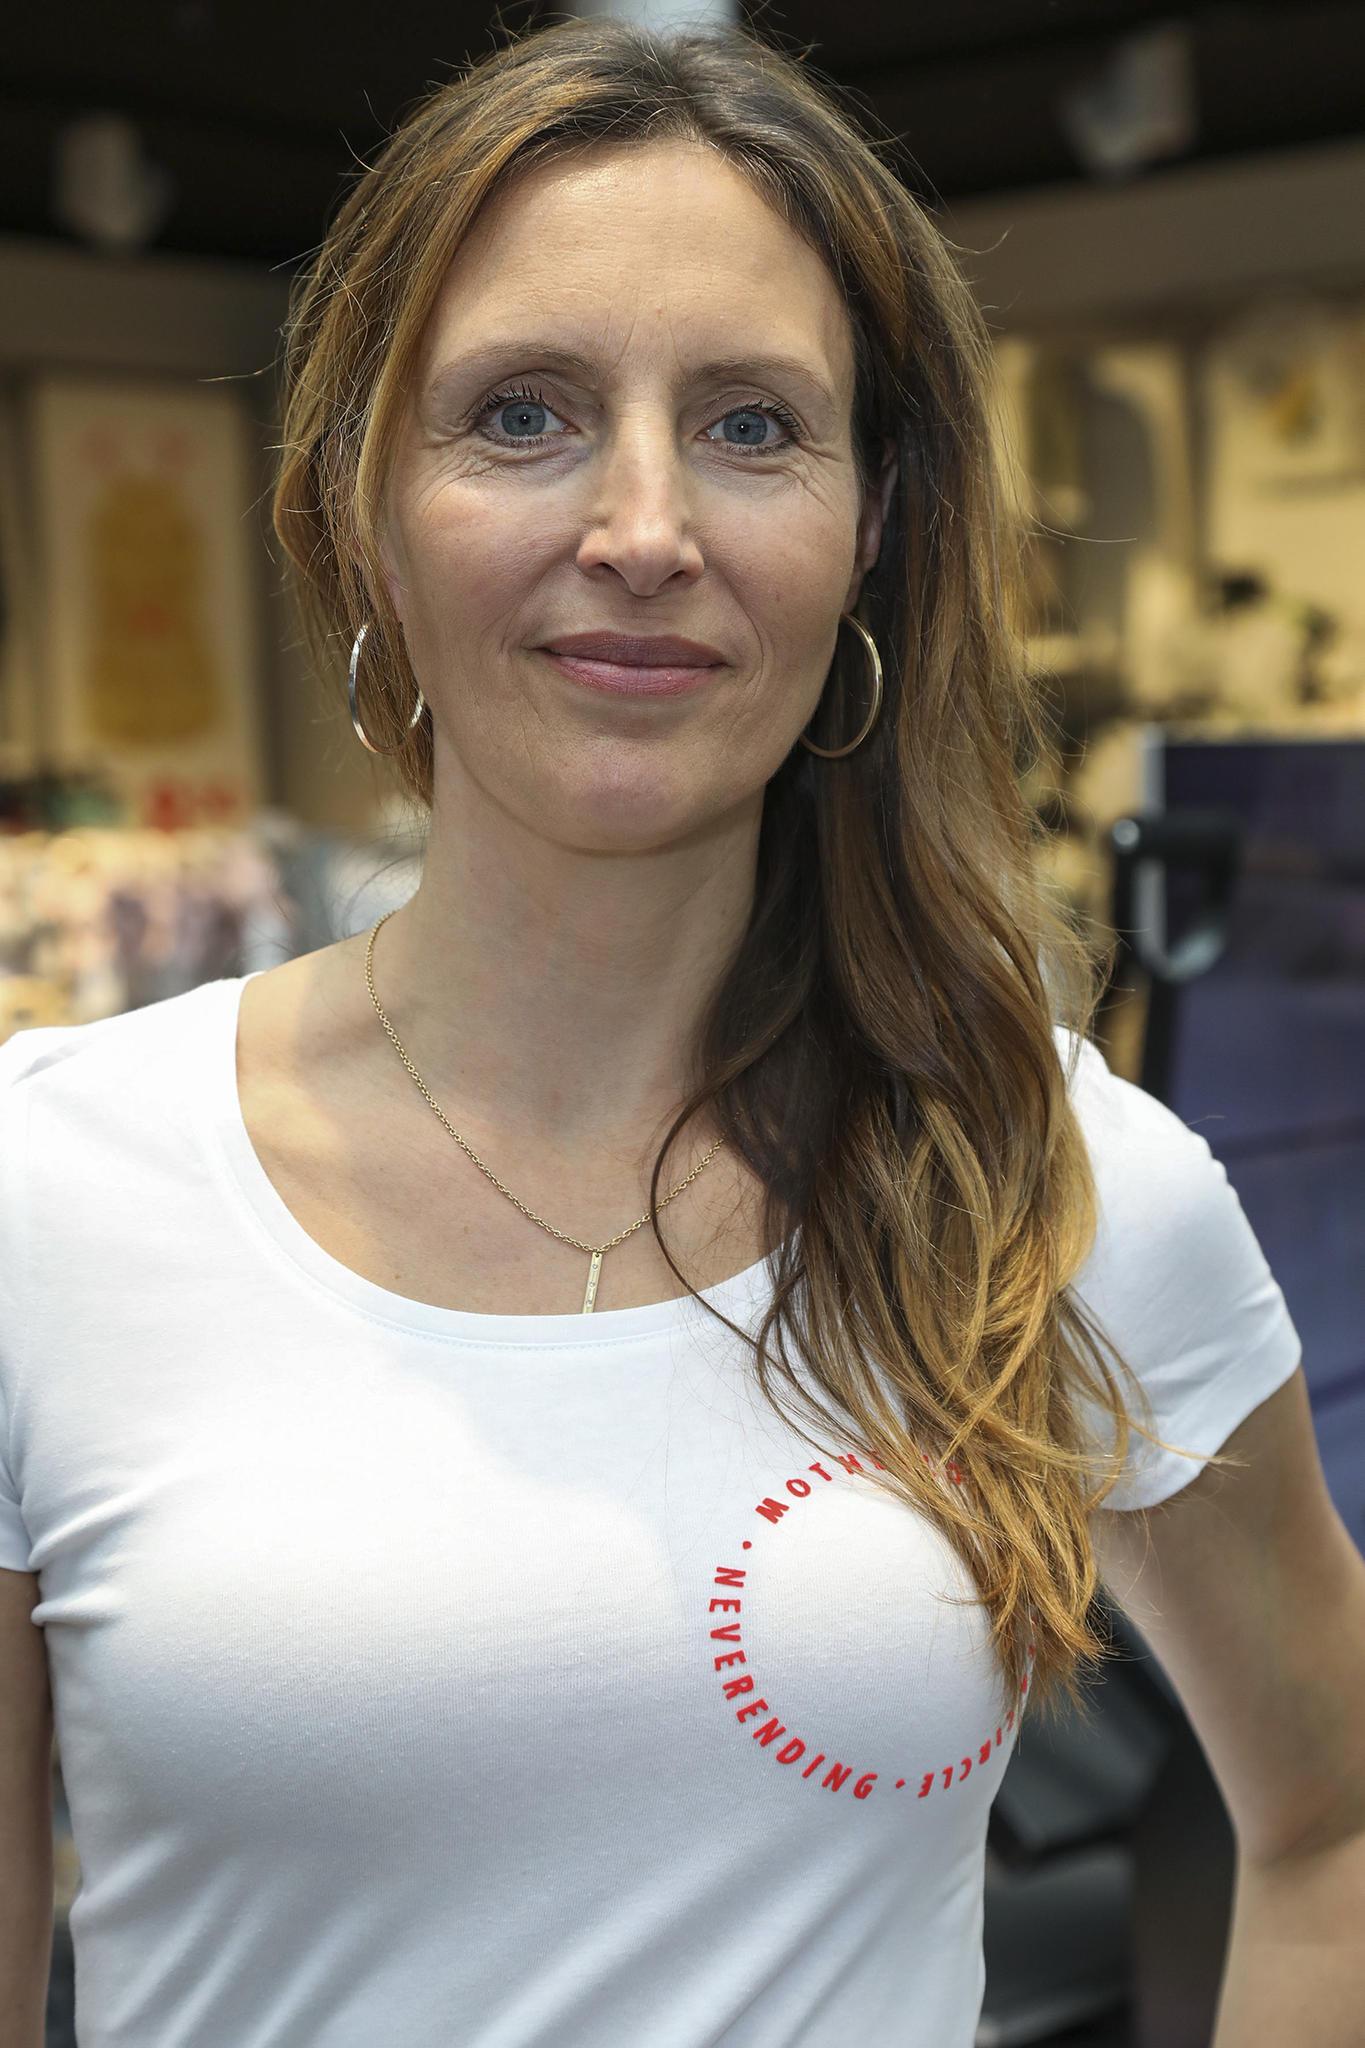 Roberta Bieling